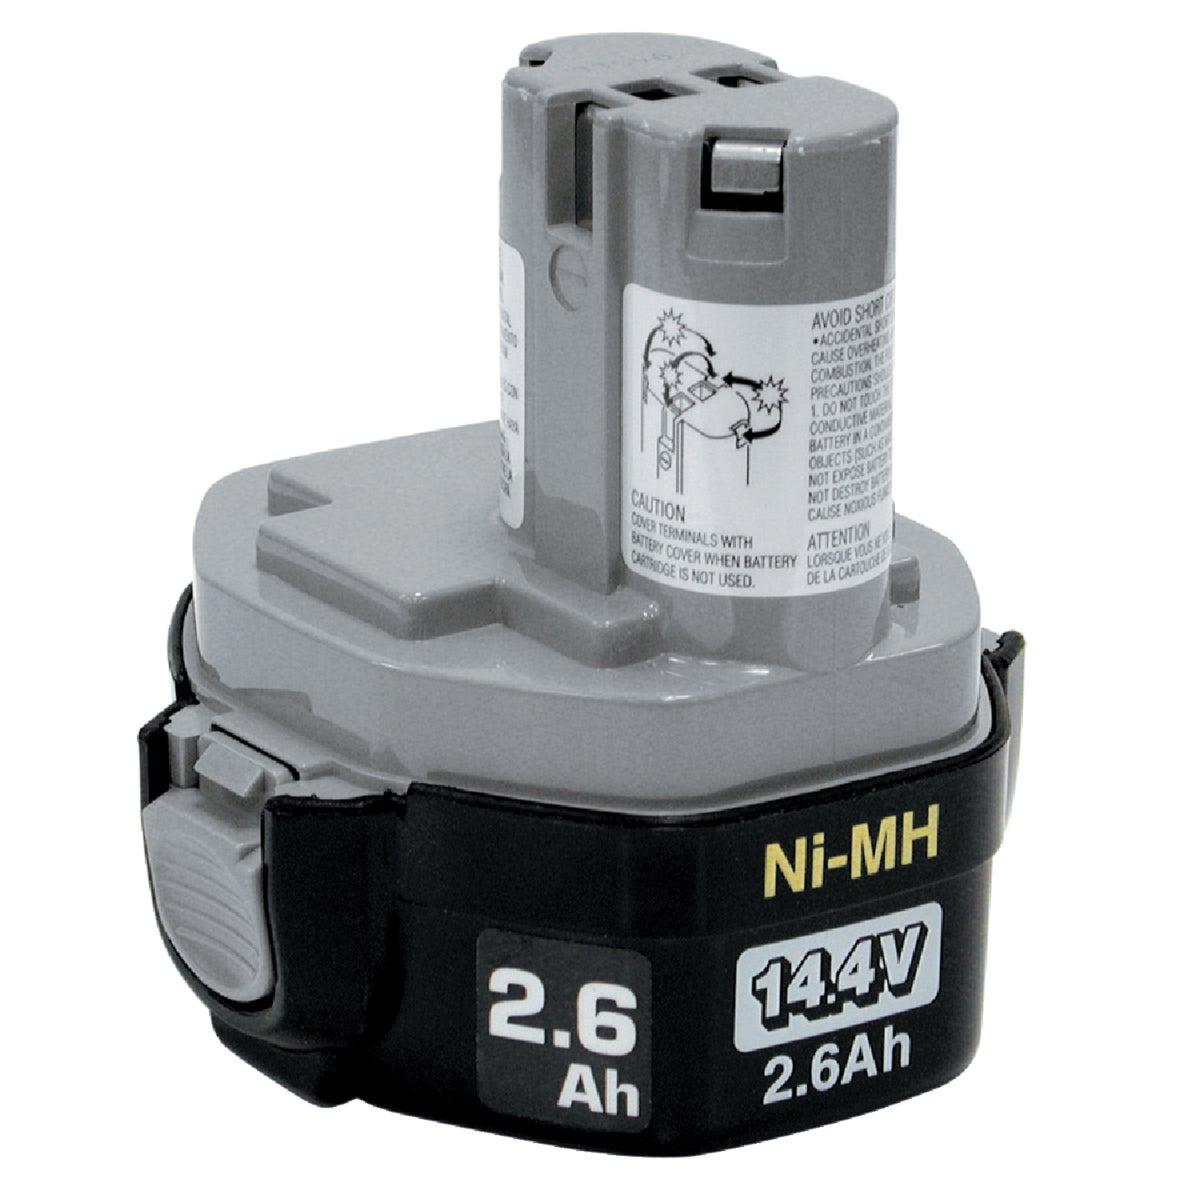 14.4V NMN BATTERY PACK